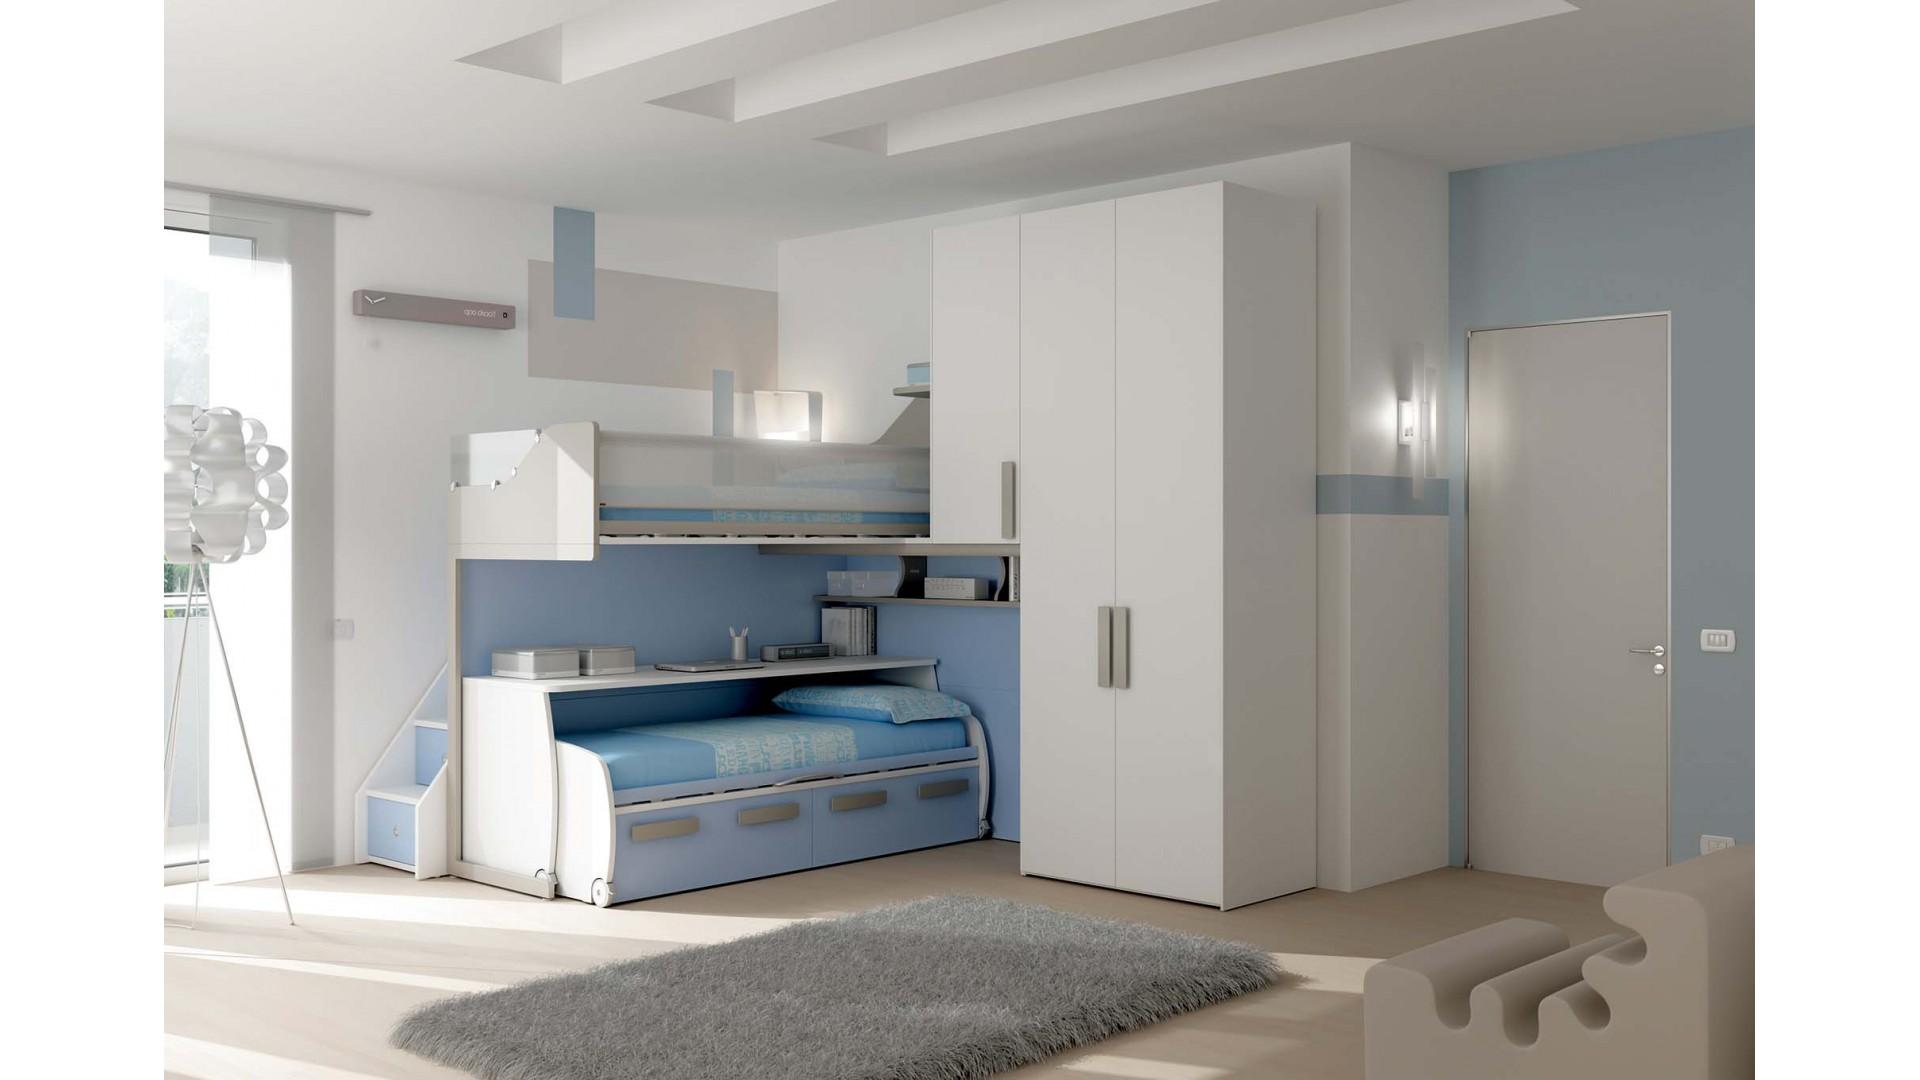 Chambre enfant PERSONNALISABLE KS24 lits superposés en mezzanine - MORETTI COMPACT